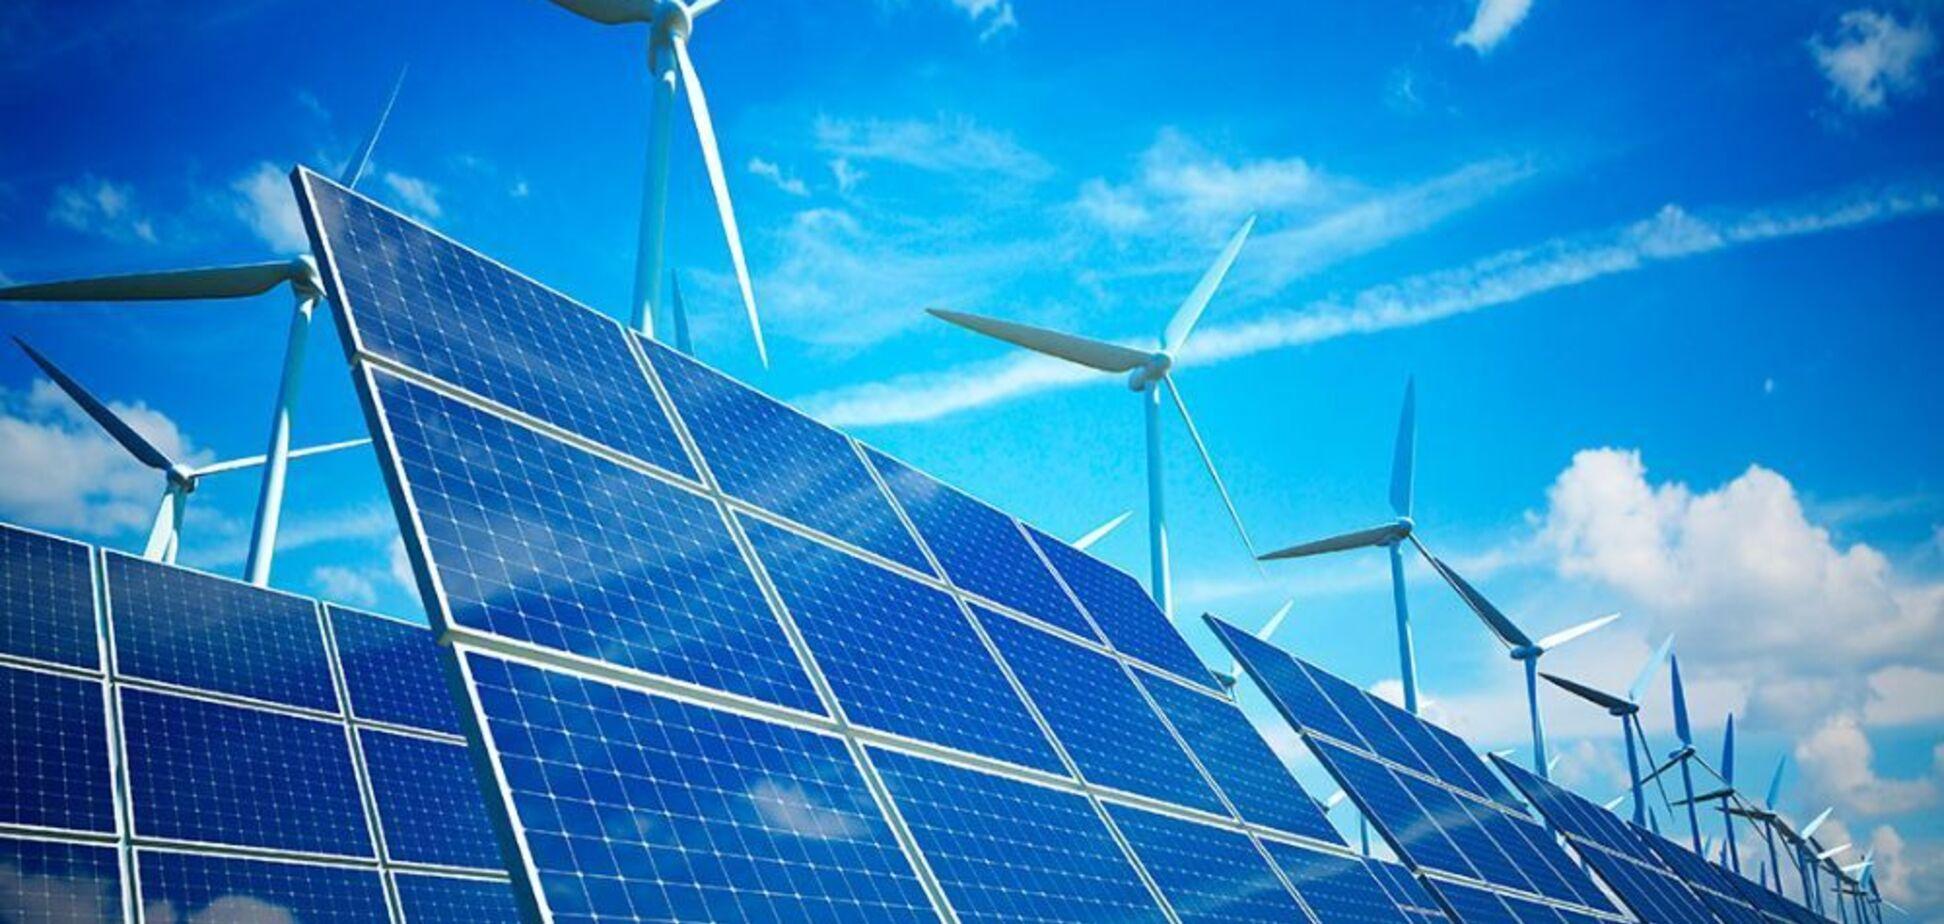 Як зробити 'зелену' енергетику в Україні більш ефективною: озвучено сценарій